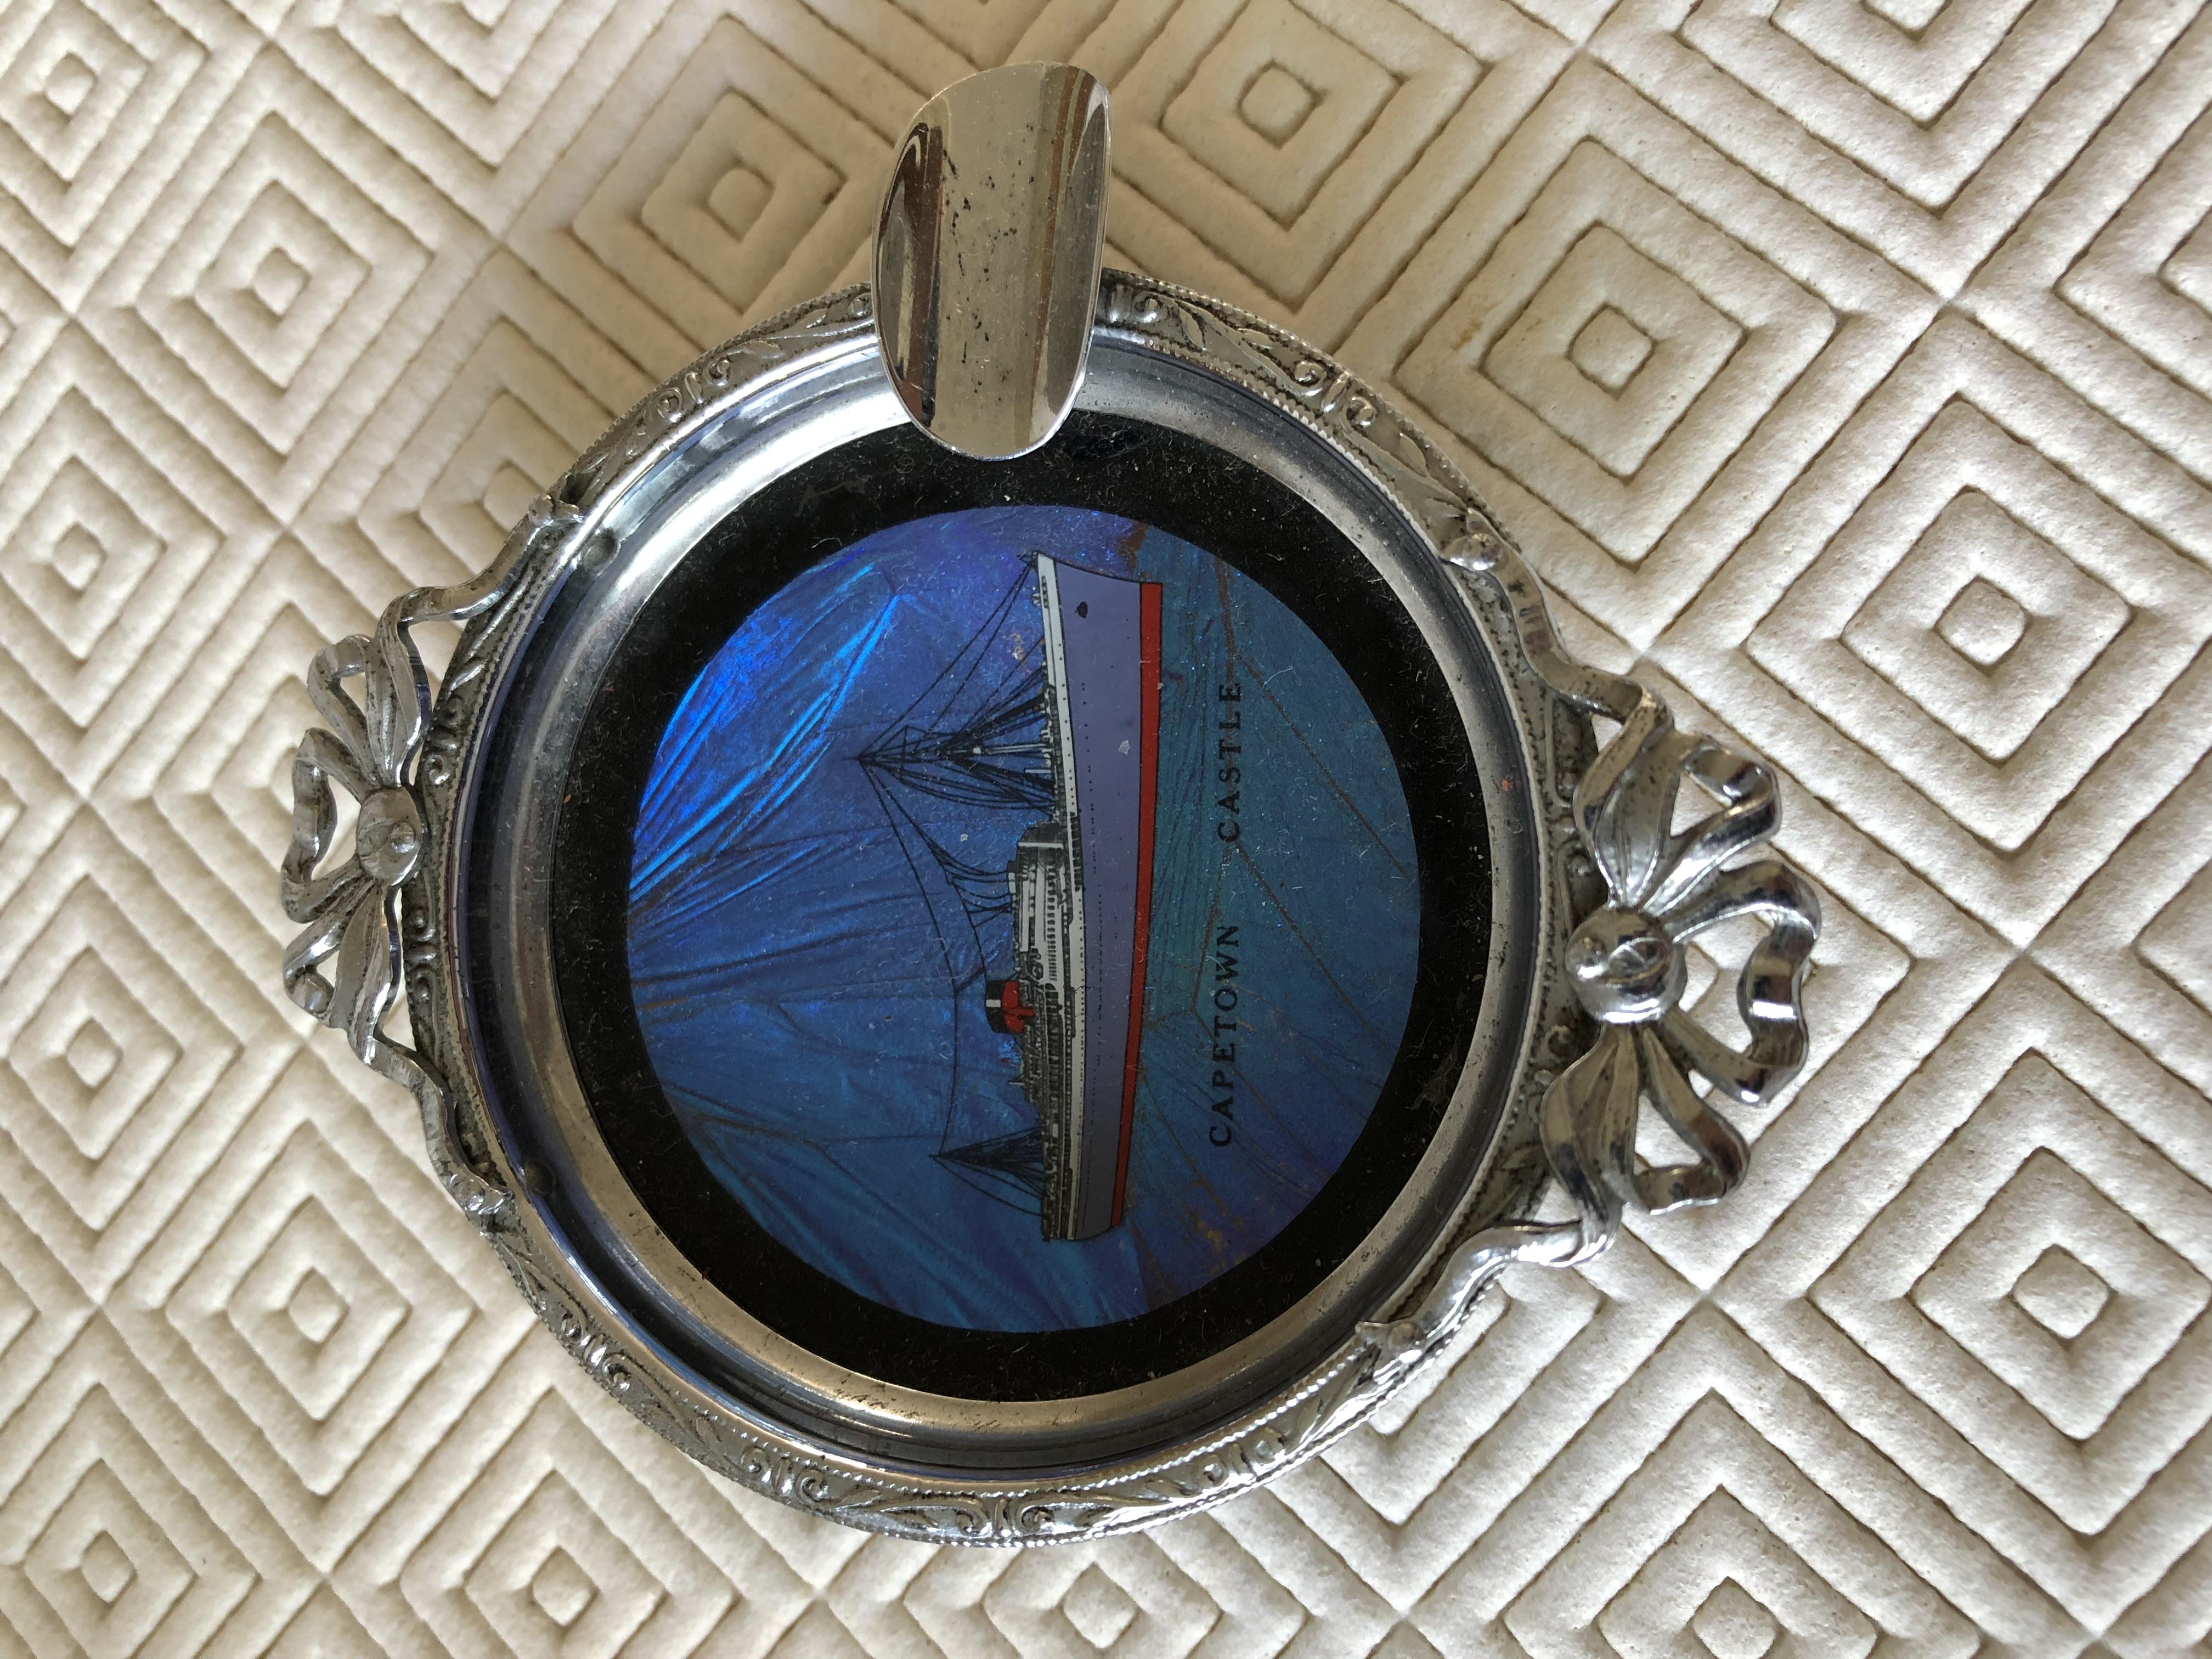 ASHTRAY SOUVENIR FROM THE UNION CASTLE LINE VESSEL THE CAPETOWN CASTLE